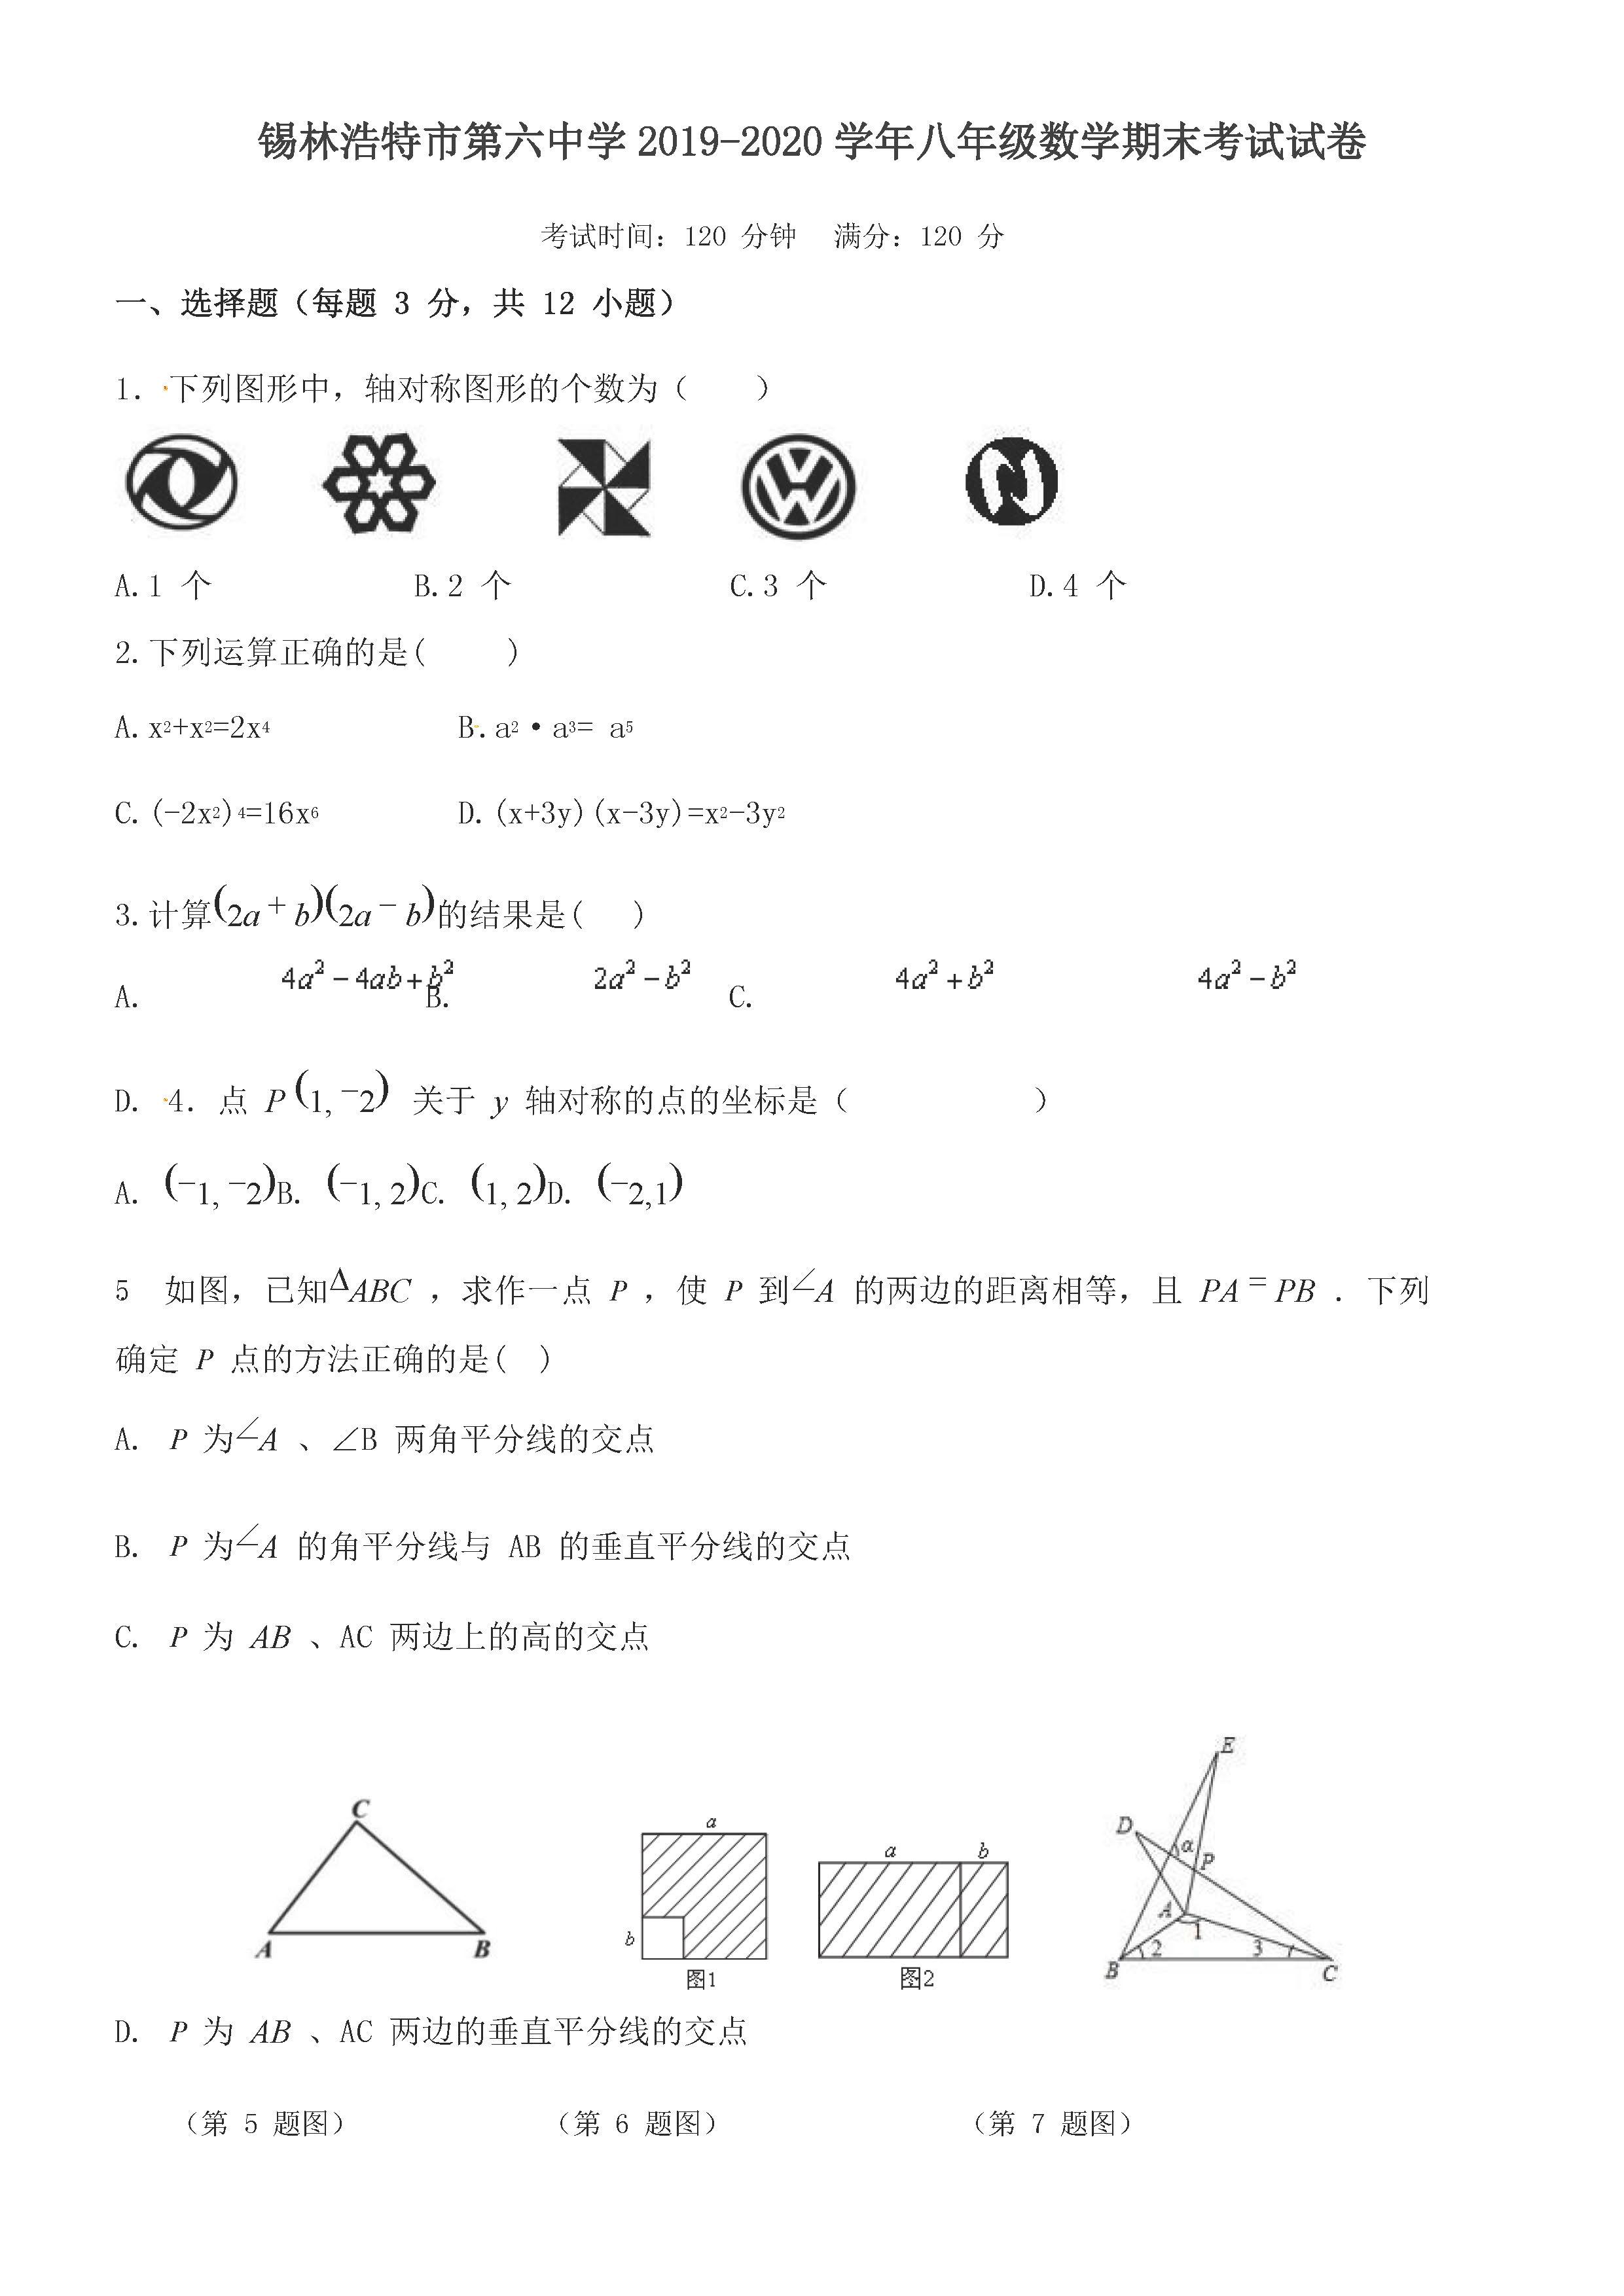 2019-2020内蒙古锡林浩特6中初二数学上期末试题含答案